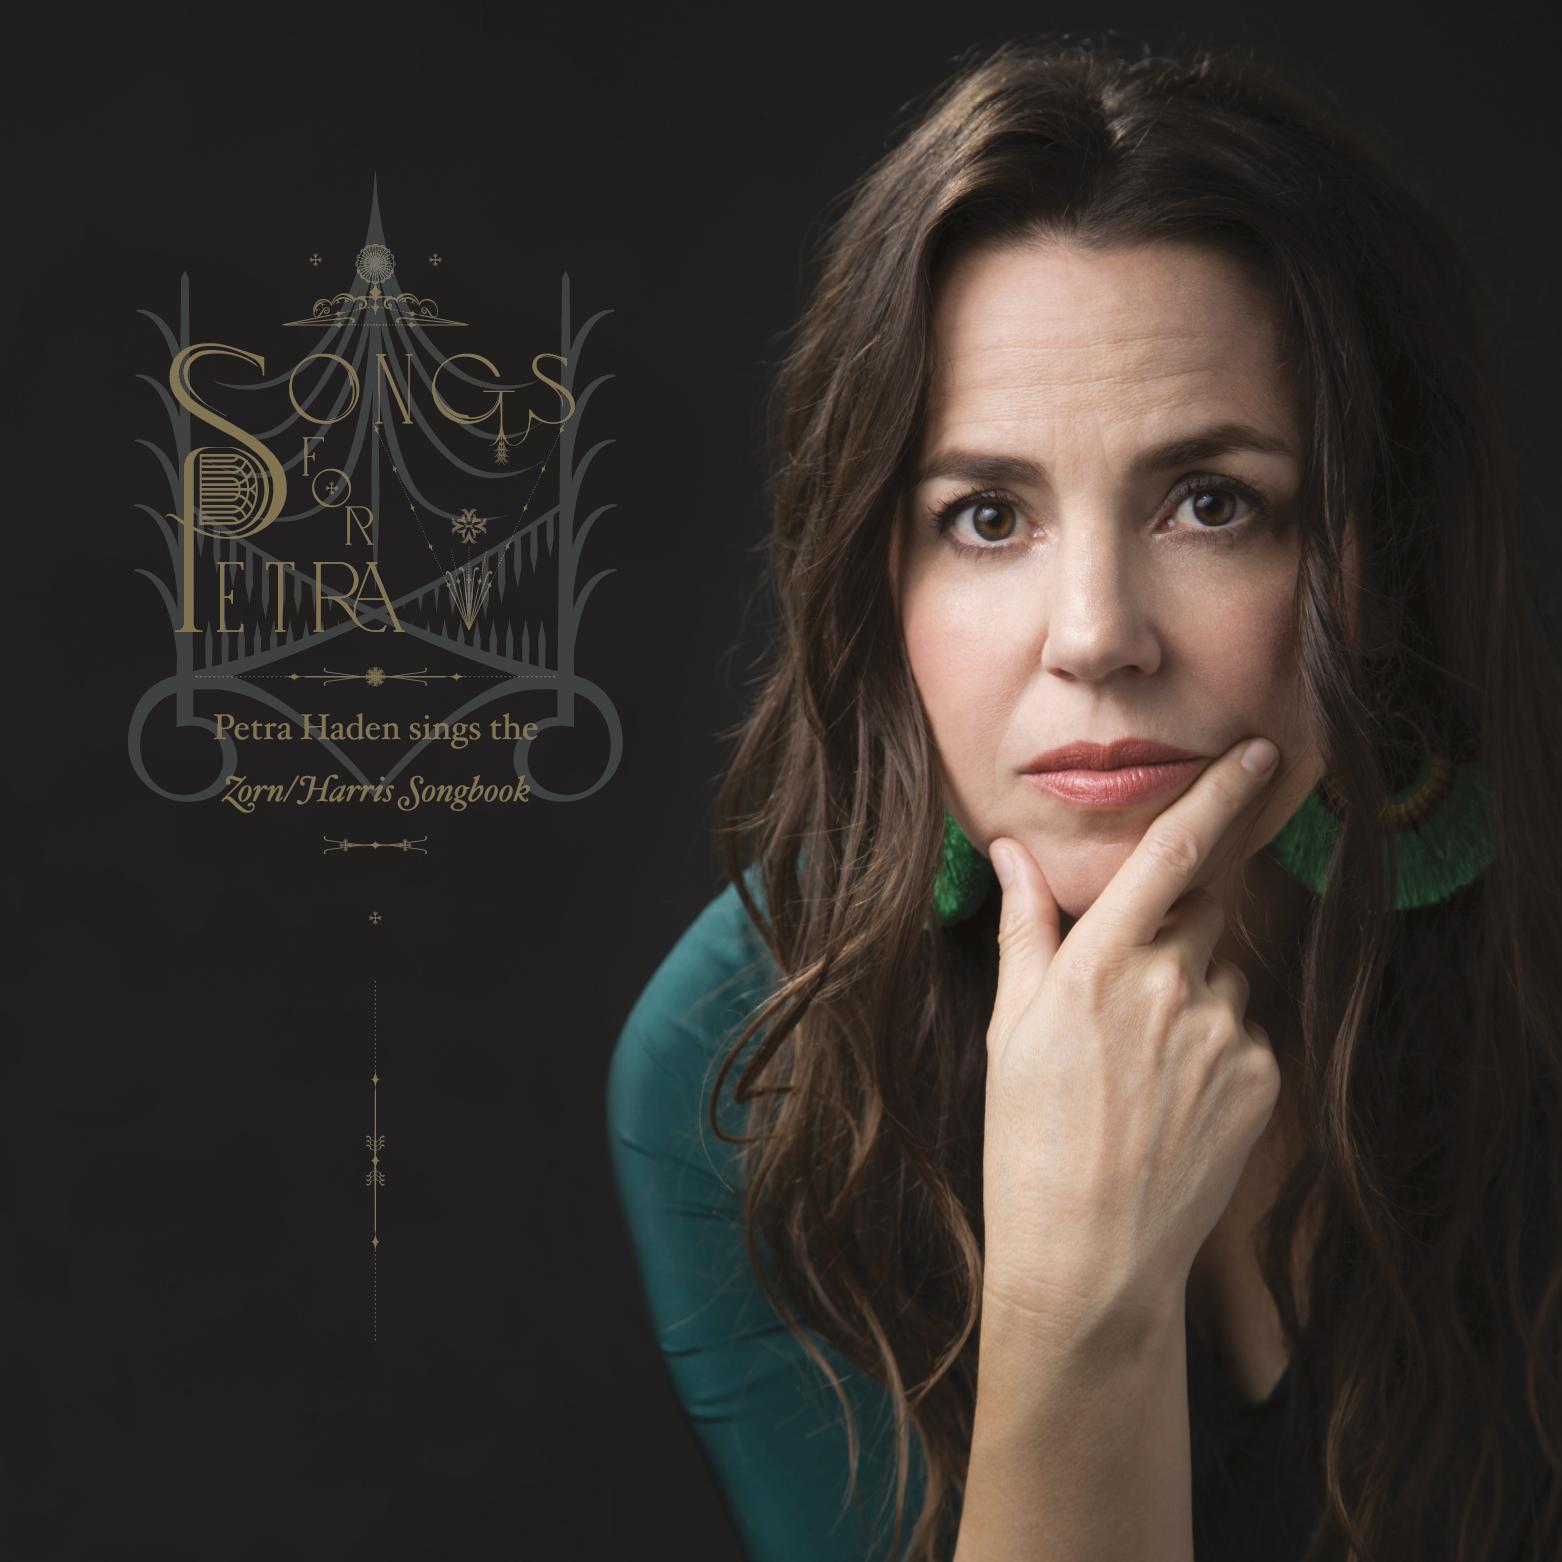 Petra Haden - Songs For Petra Vinyl